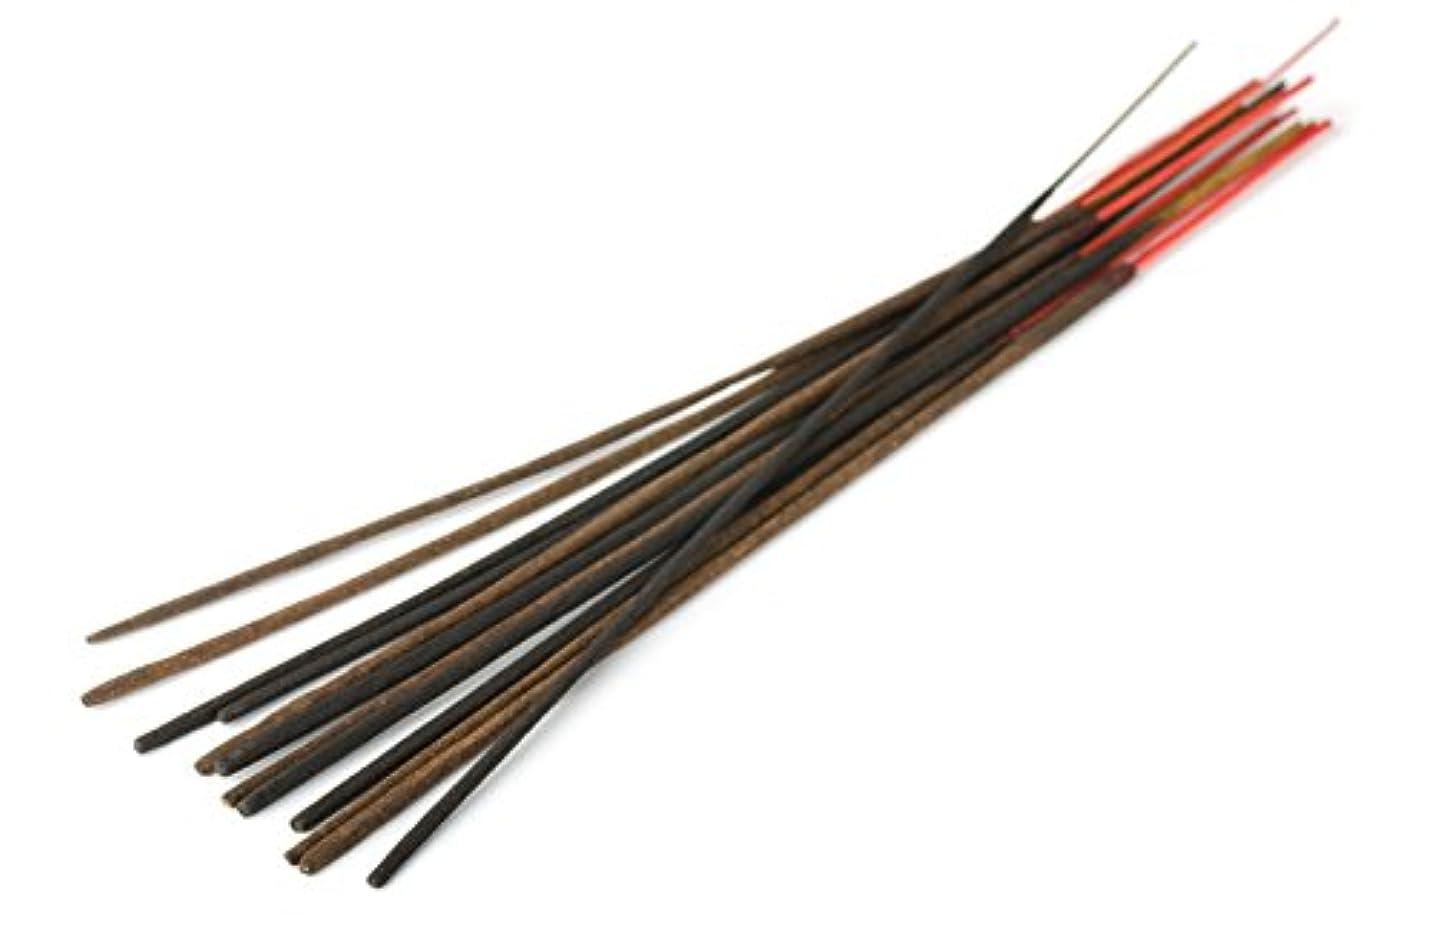 好きであるヒント来てプレミアムハンドメイドFresh Baked Bread Incense Stickバンドル – 90 to 100 Sticks Perバンドル – 各スティックは11.5インチ、には滑らかなクリーンBurn